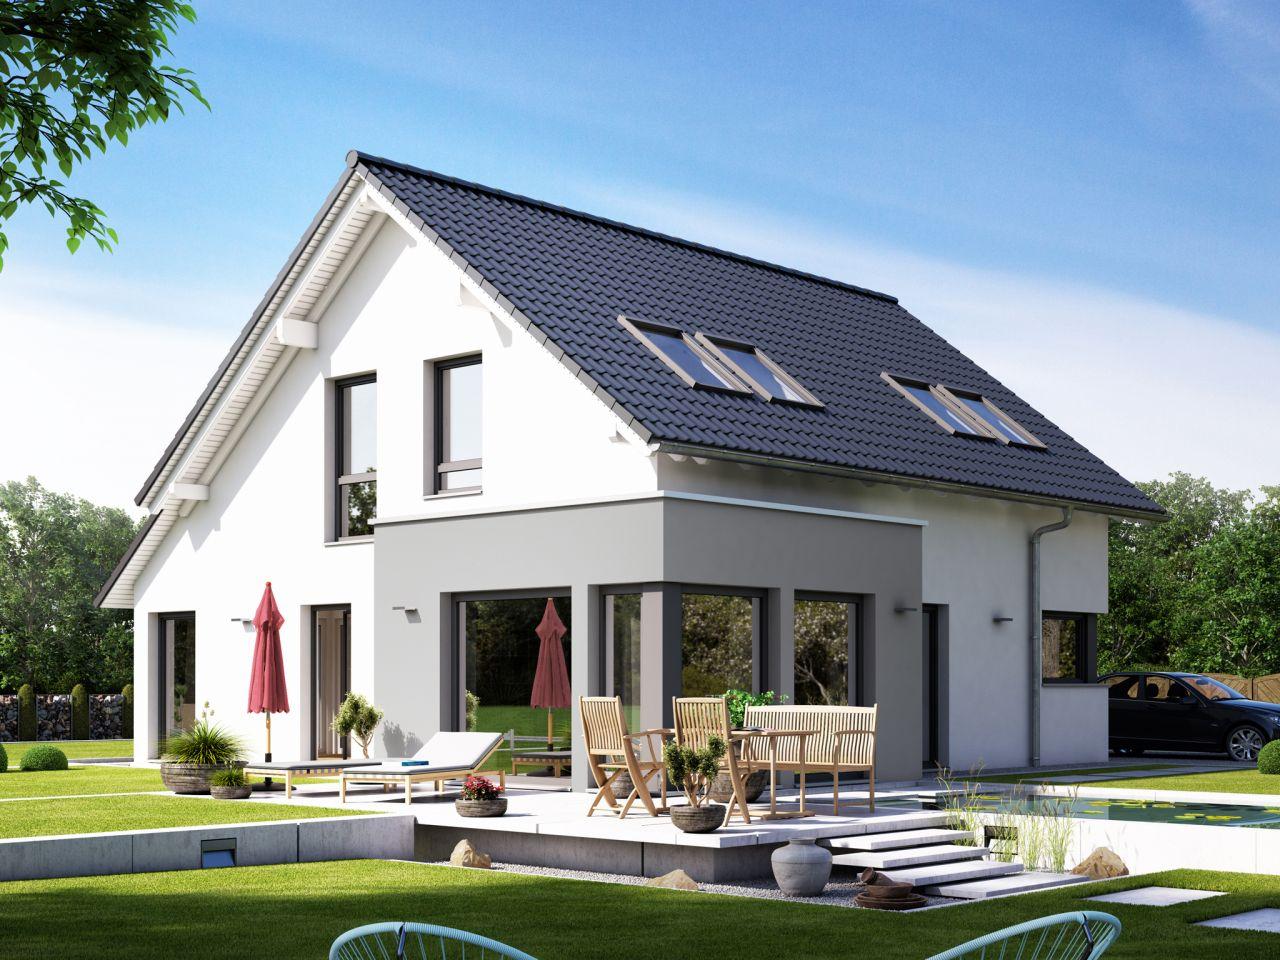 Energieeffizientes & modernes Einfamilienhaus